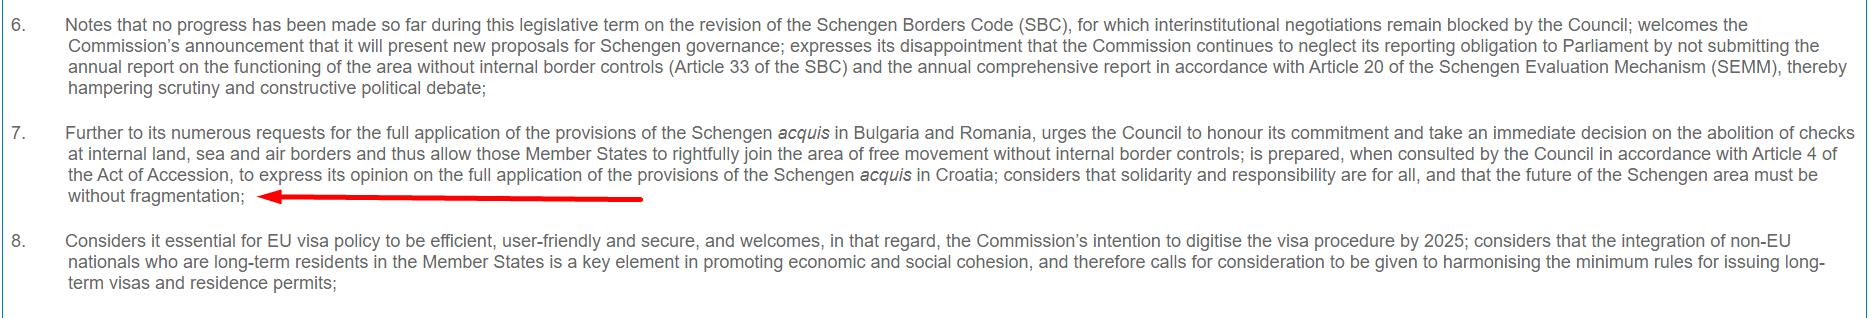 Призыв Европарламента об отмене пограничного контроля с Румынией